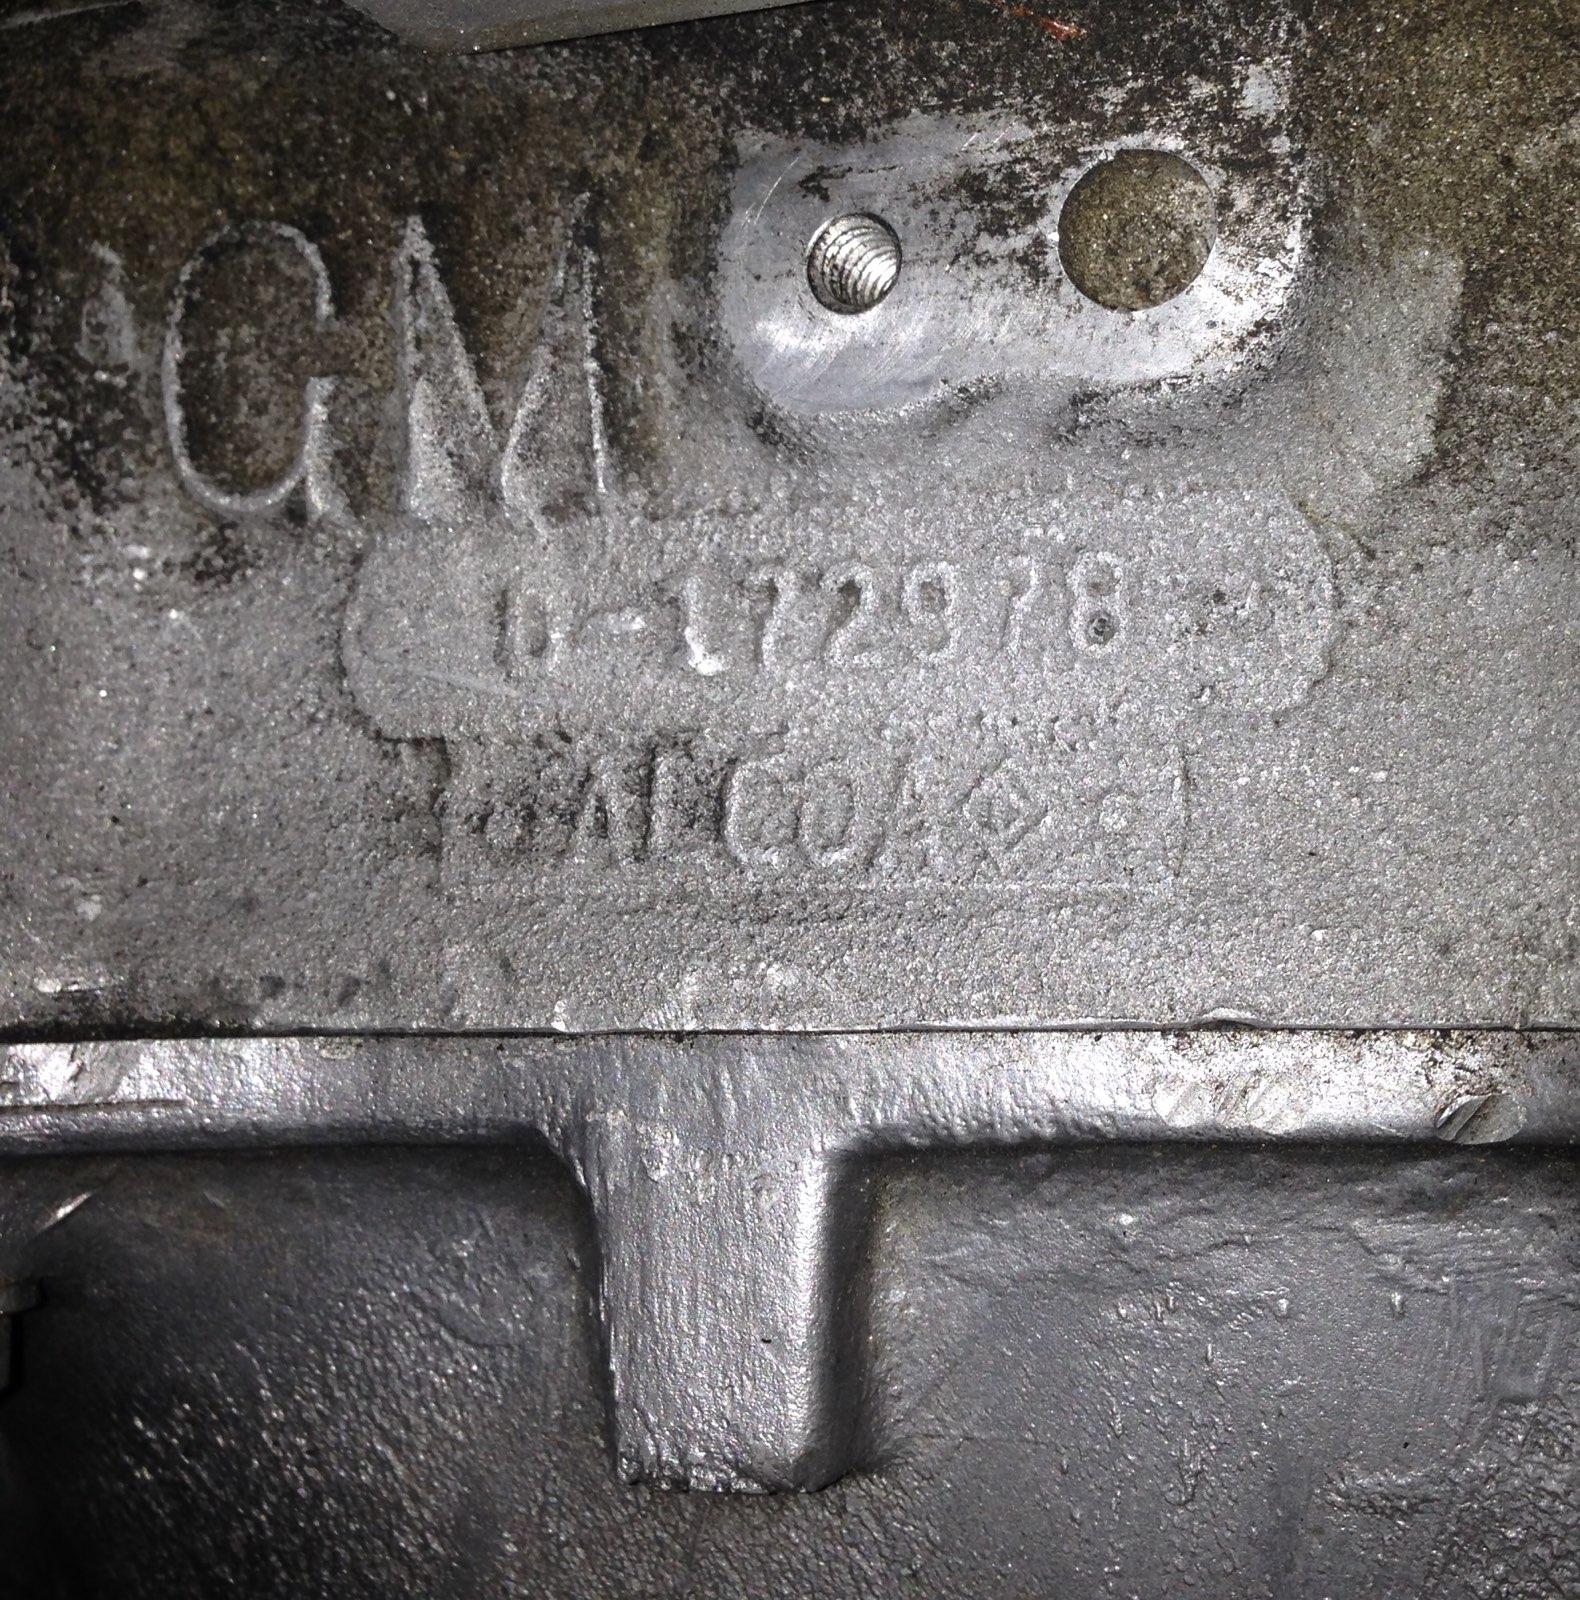 Aluminum 283 casting number